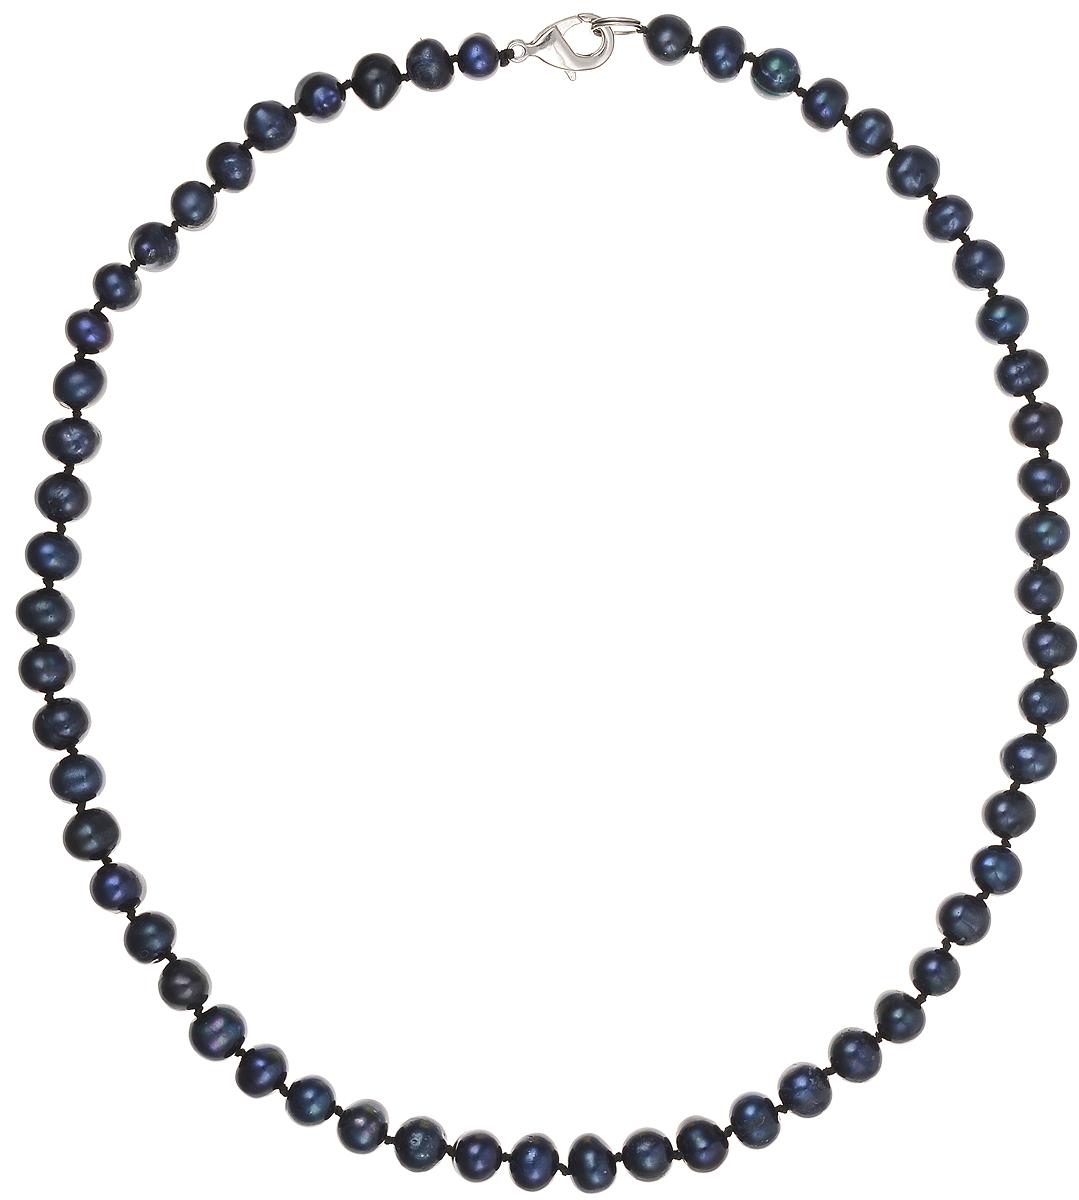 Бусы Art-Silver, цвет: синий, длина 45 см. КЖ7-8А45-414Колье (короткие одноярусные бусы)Бусы Art-Silver подчеркнут изящество и непревзойденный вкус своей обладательницы. Они выполнены из бижутерного сплава и культивированного жемчуга диаметром 7 мм.Изделие оснащено удобным замком-карабином.Культивированный жемчуг — это практичный аналог природного жемчуга. Бусинки из прессованных раковин помещаются внутрь устрицы и возвращаются в воду. Когда бусины покрываются перламутром, их извлекают из моллюска. Форма жемчужины получается идеально ровной с приятным матовым блеском.